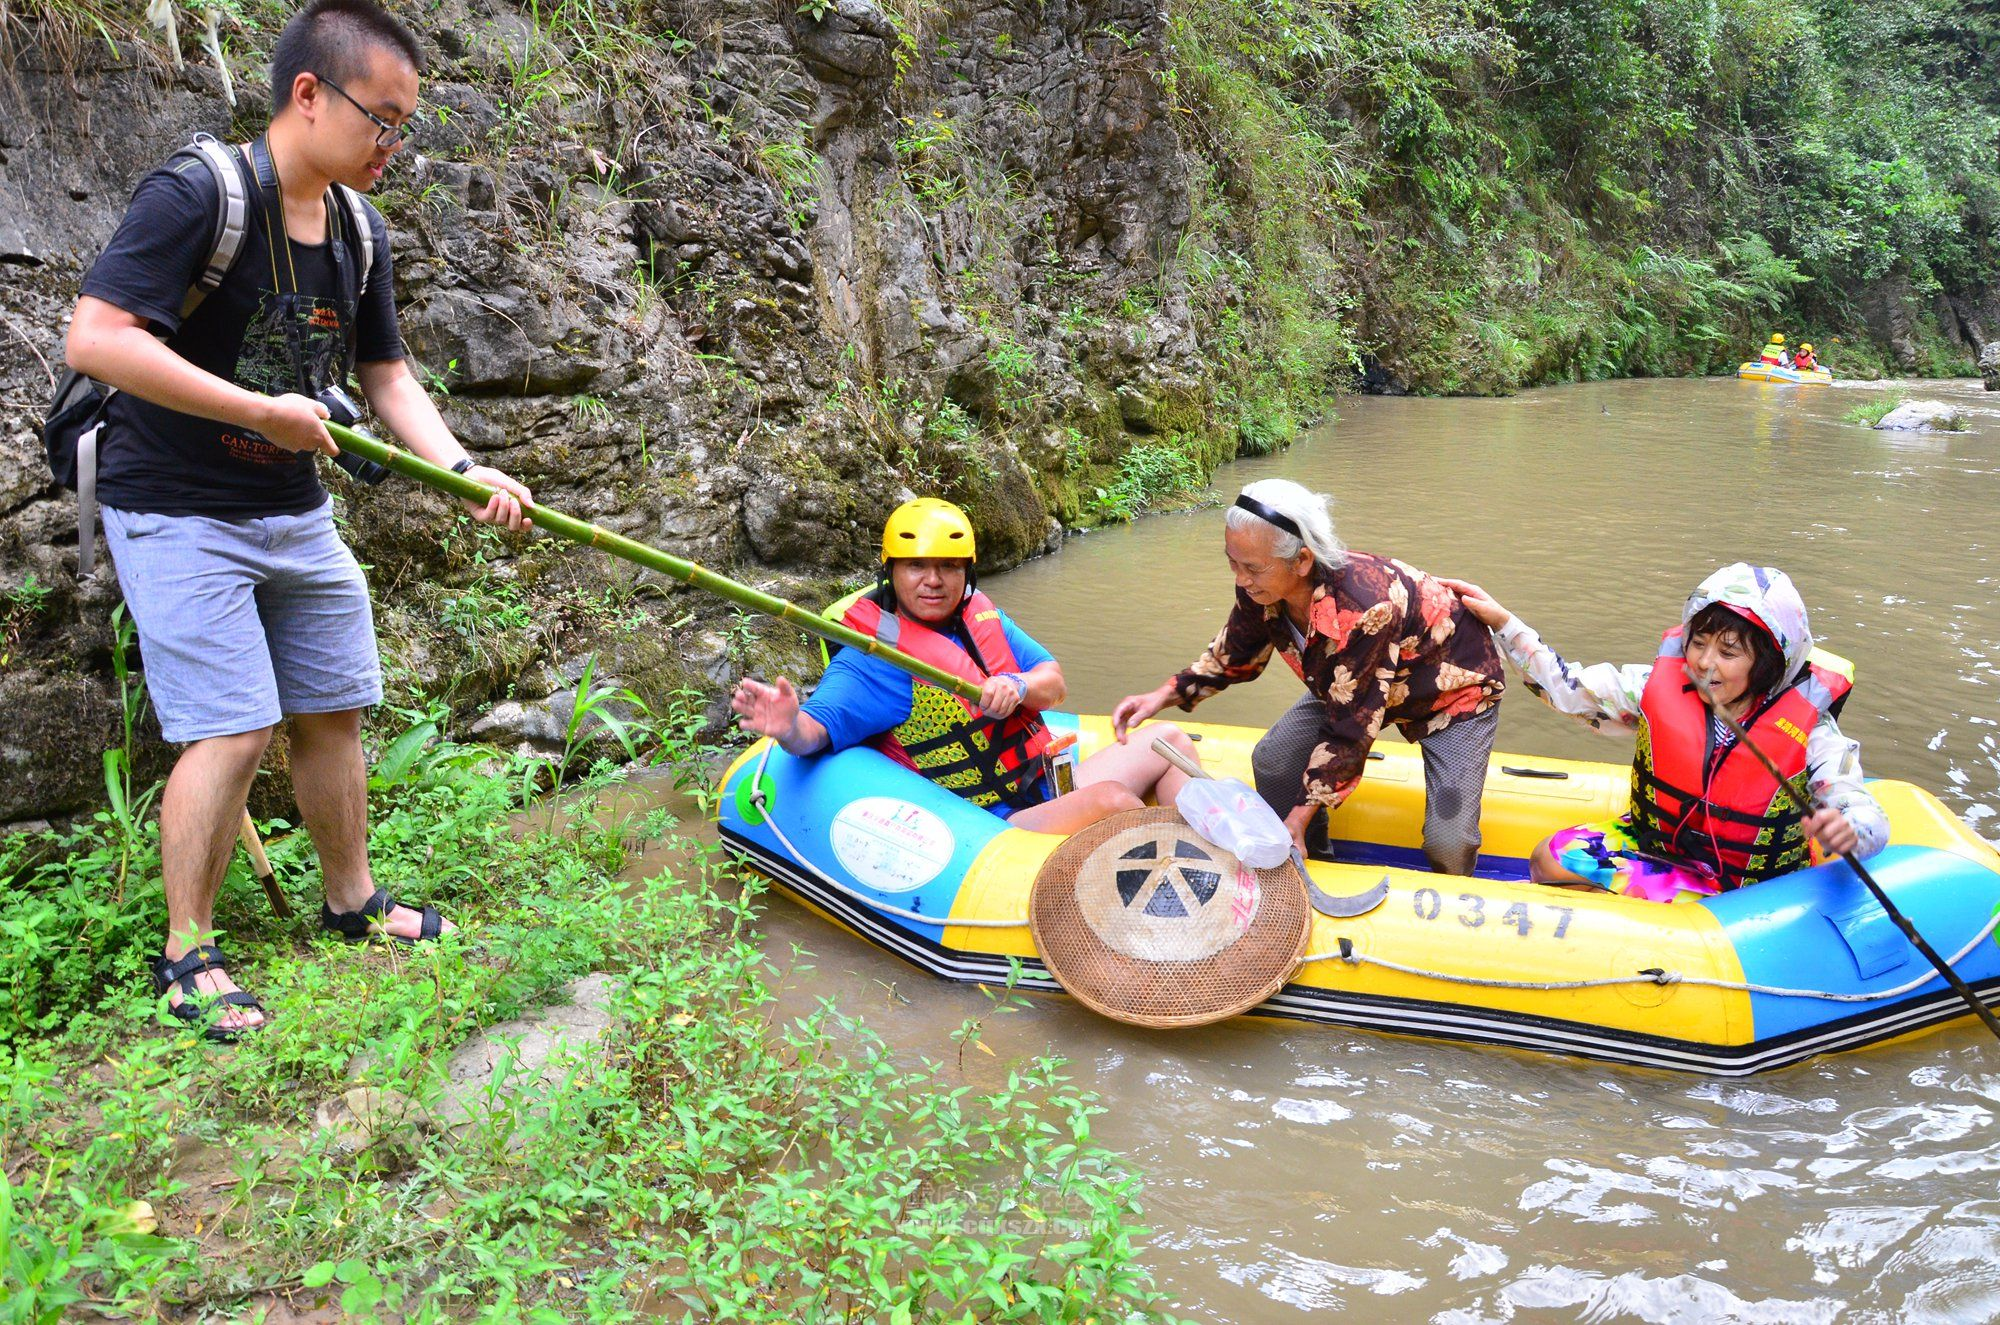 黑洞河漂流最温暖人心的一幕,突涨大水游客护送老人过河。